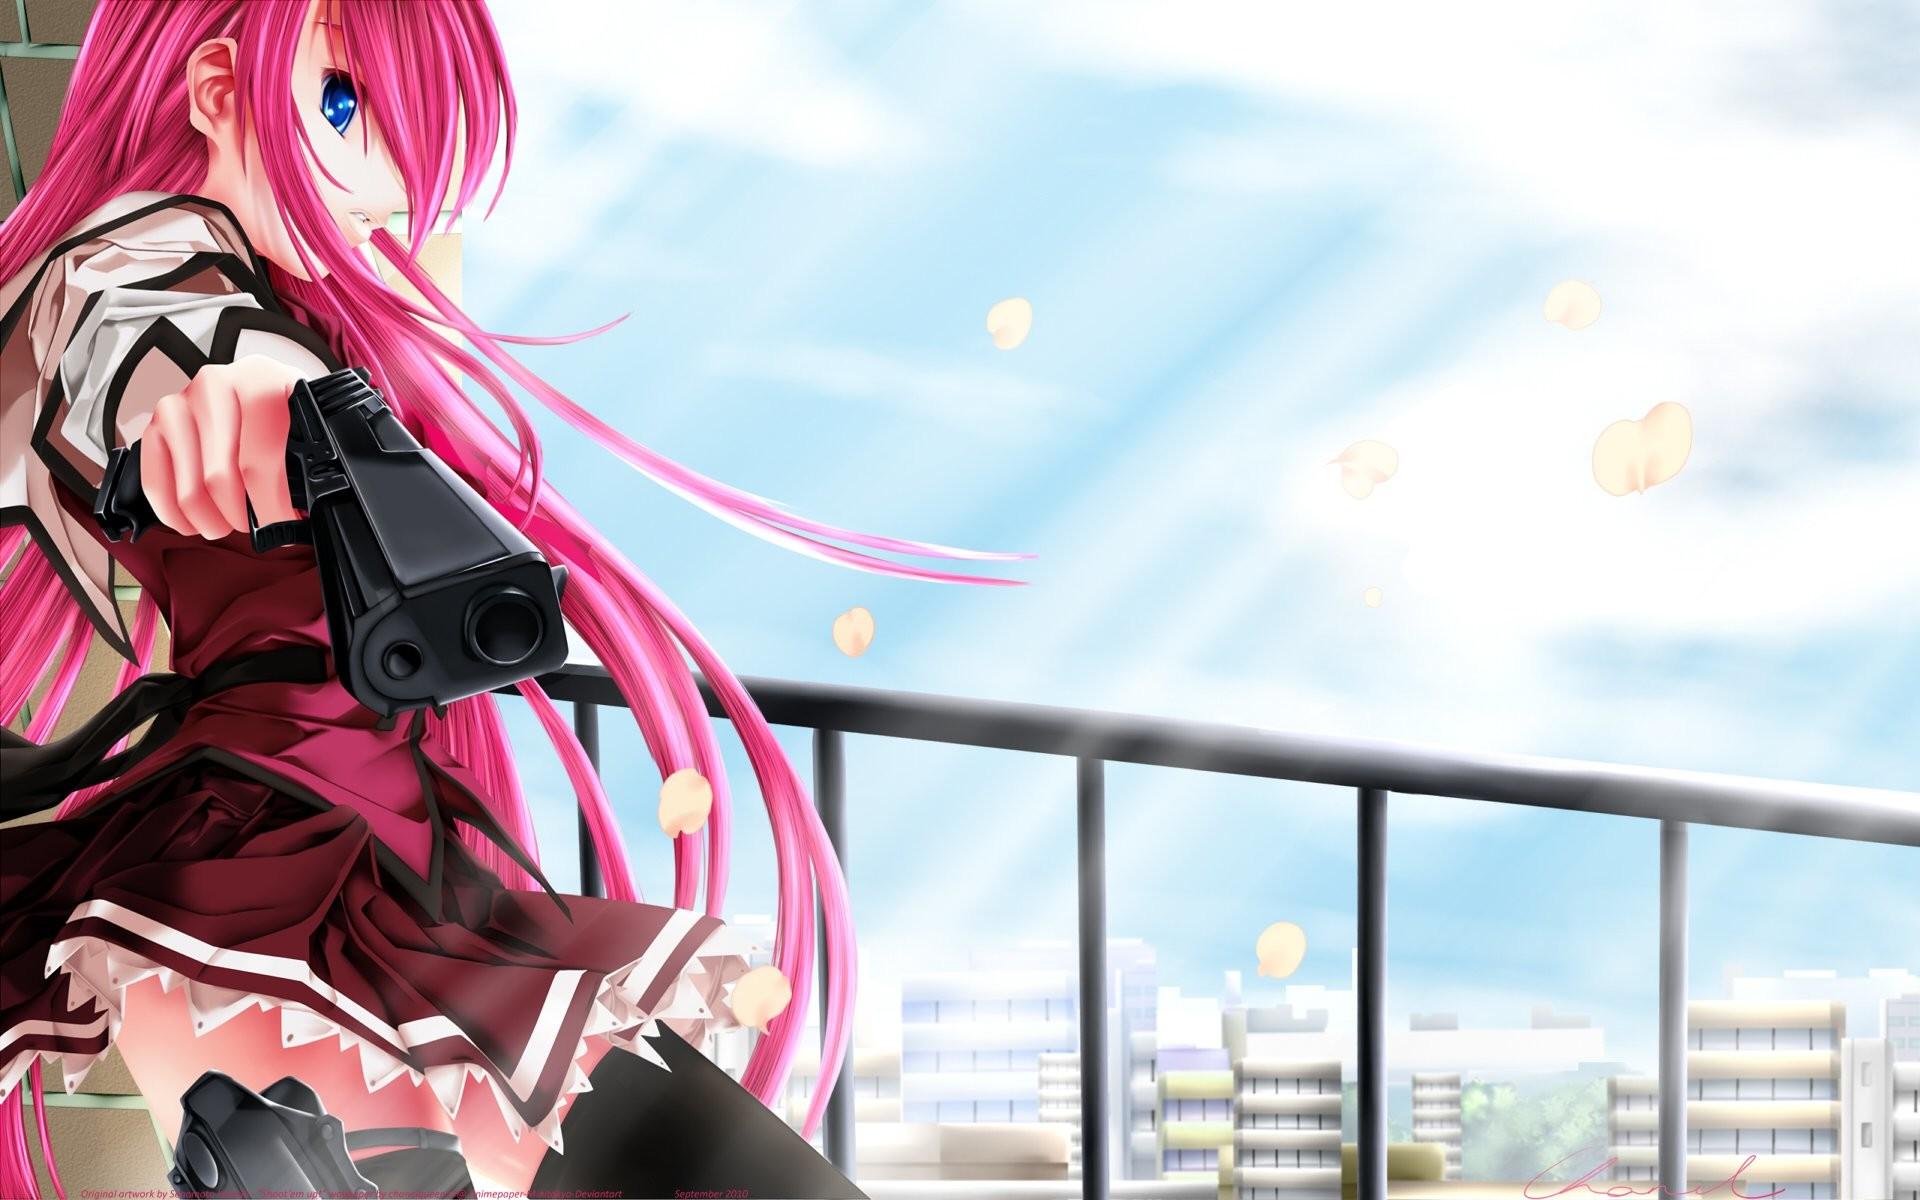 Anime Girl With Gun 937603